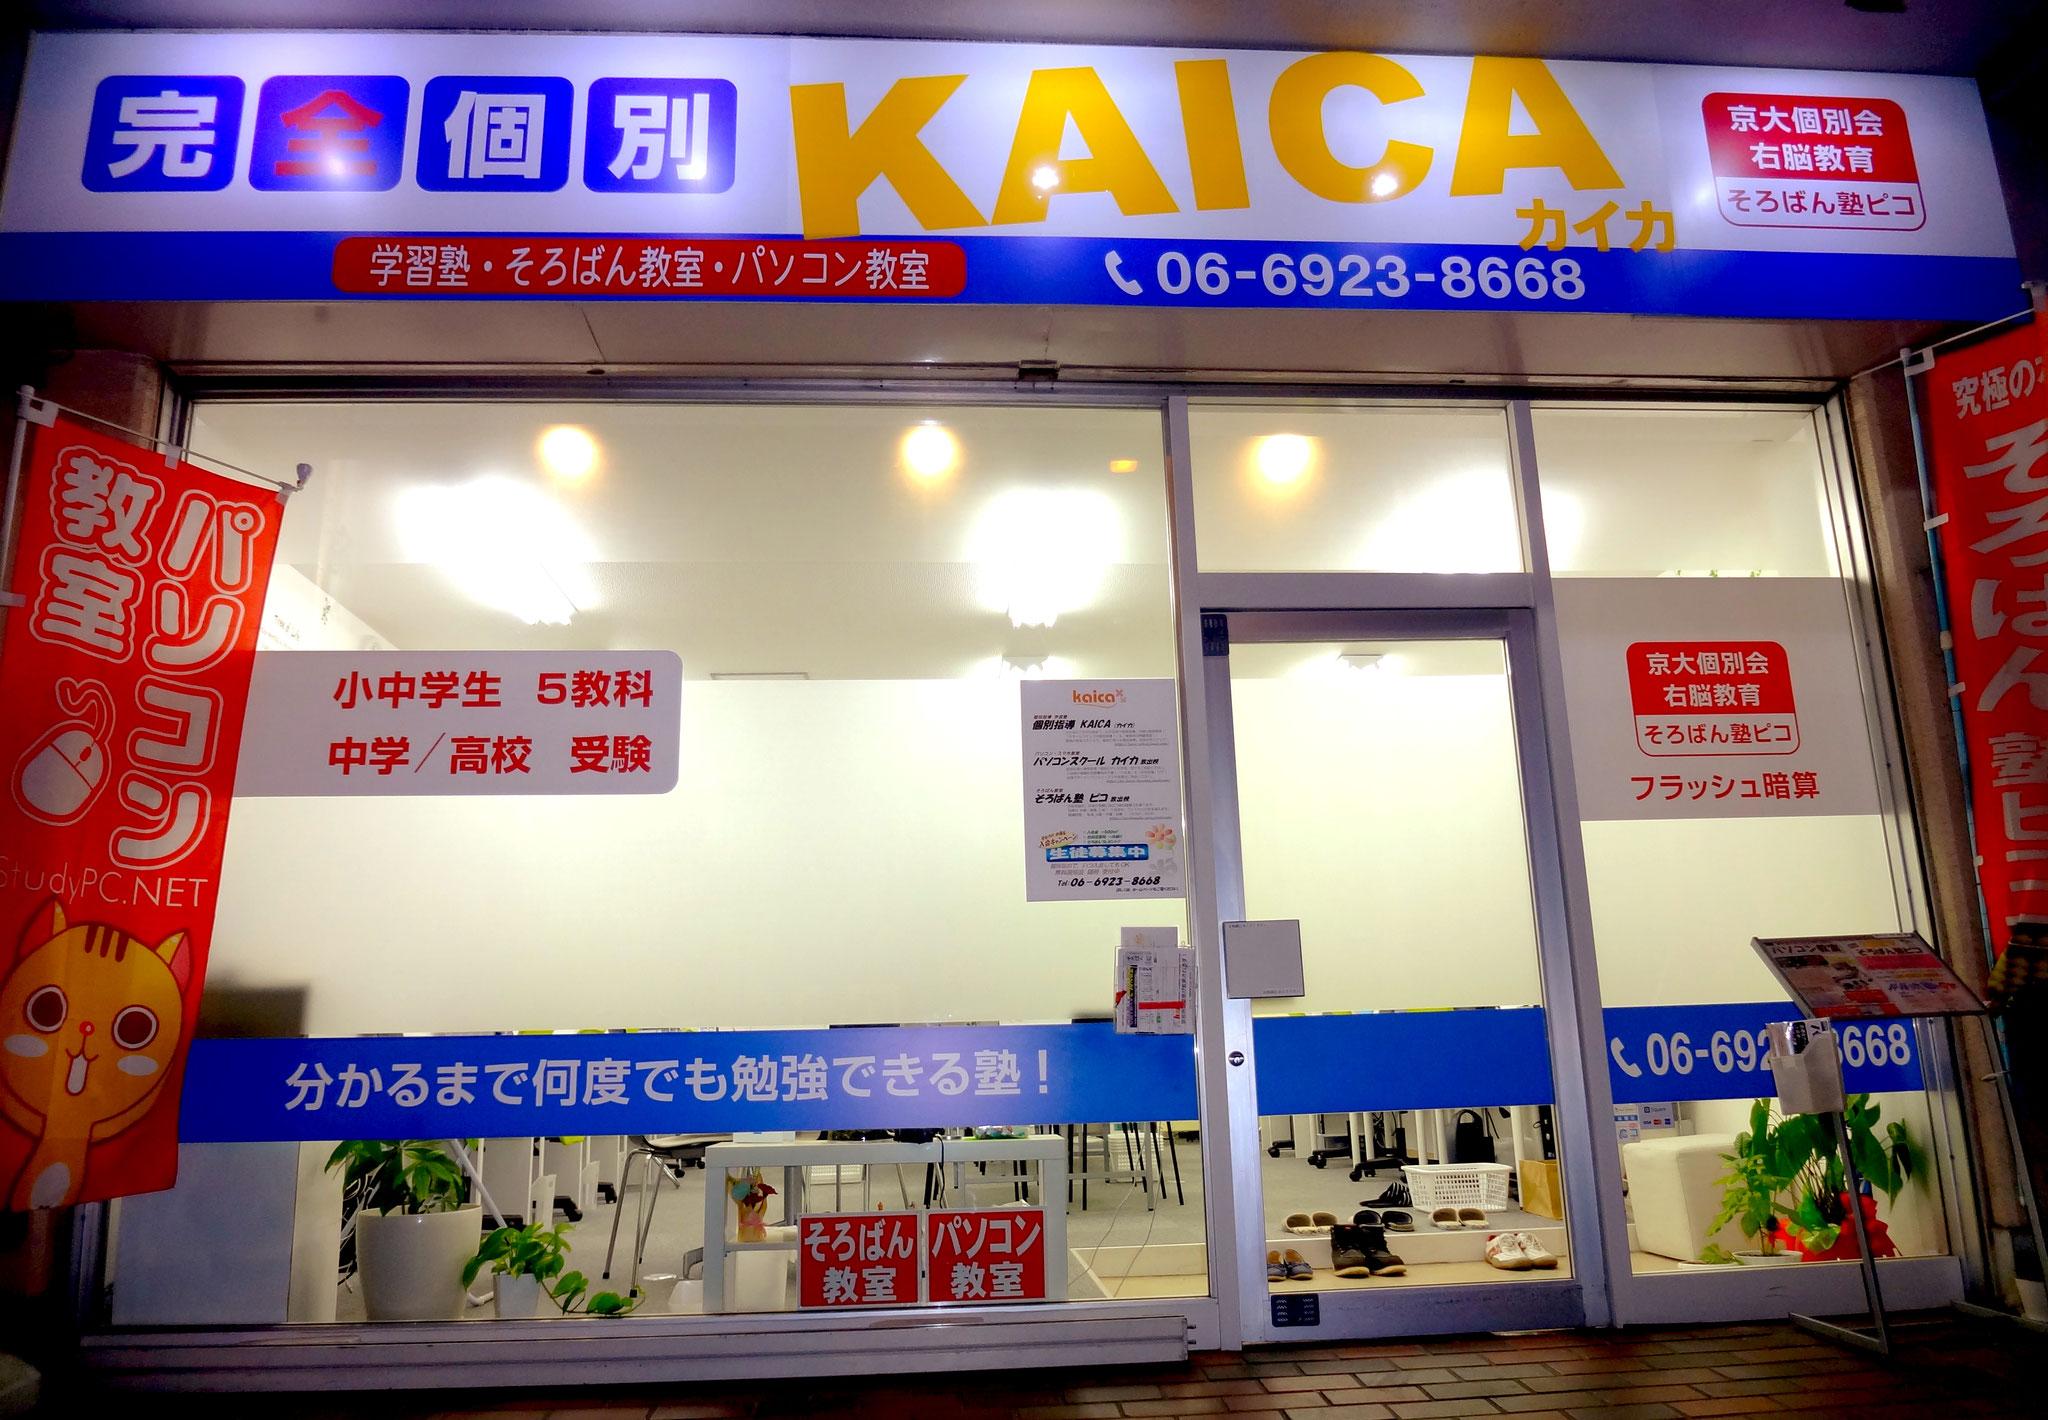 大阪市鶴見区で人気のそろばん教室